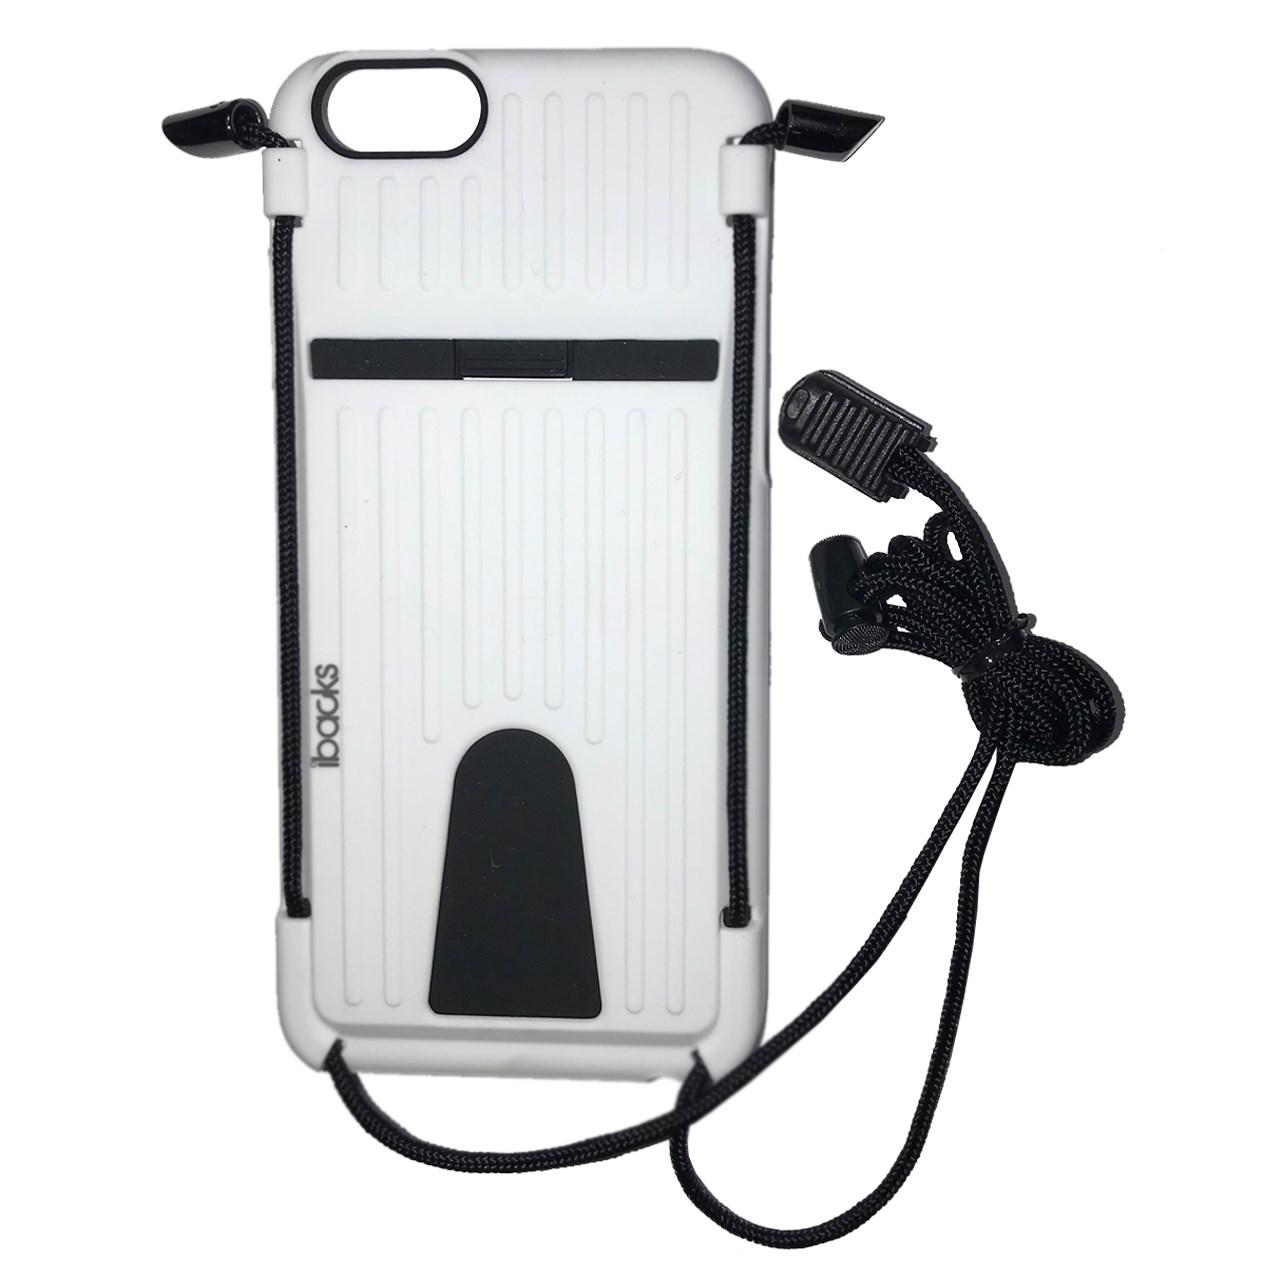 کاور آی بکس مدل W60050 مناسب برای گوشی موبایل آیفون 6 /6s